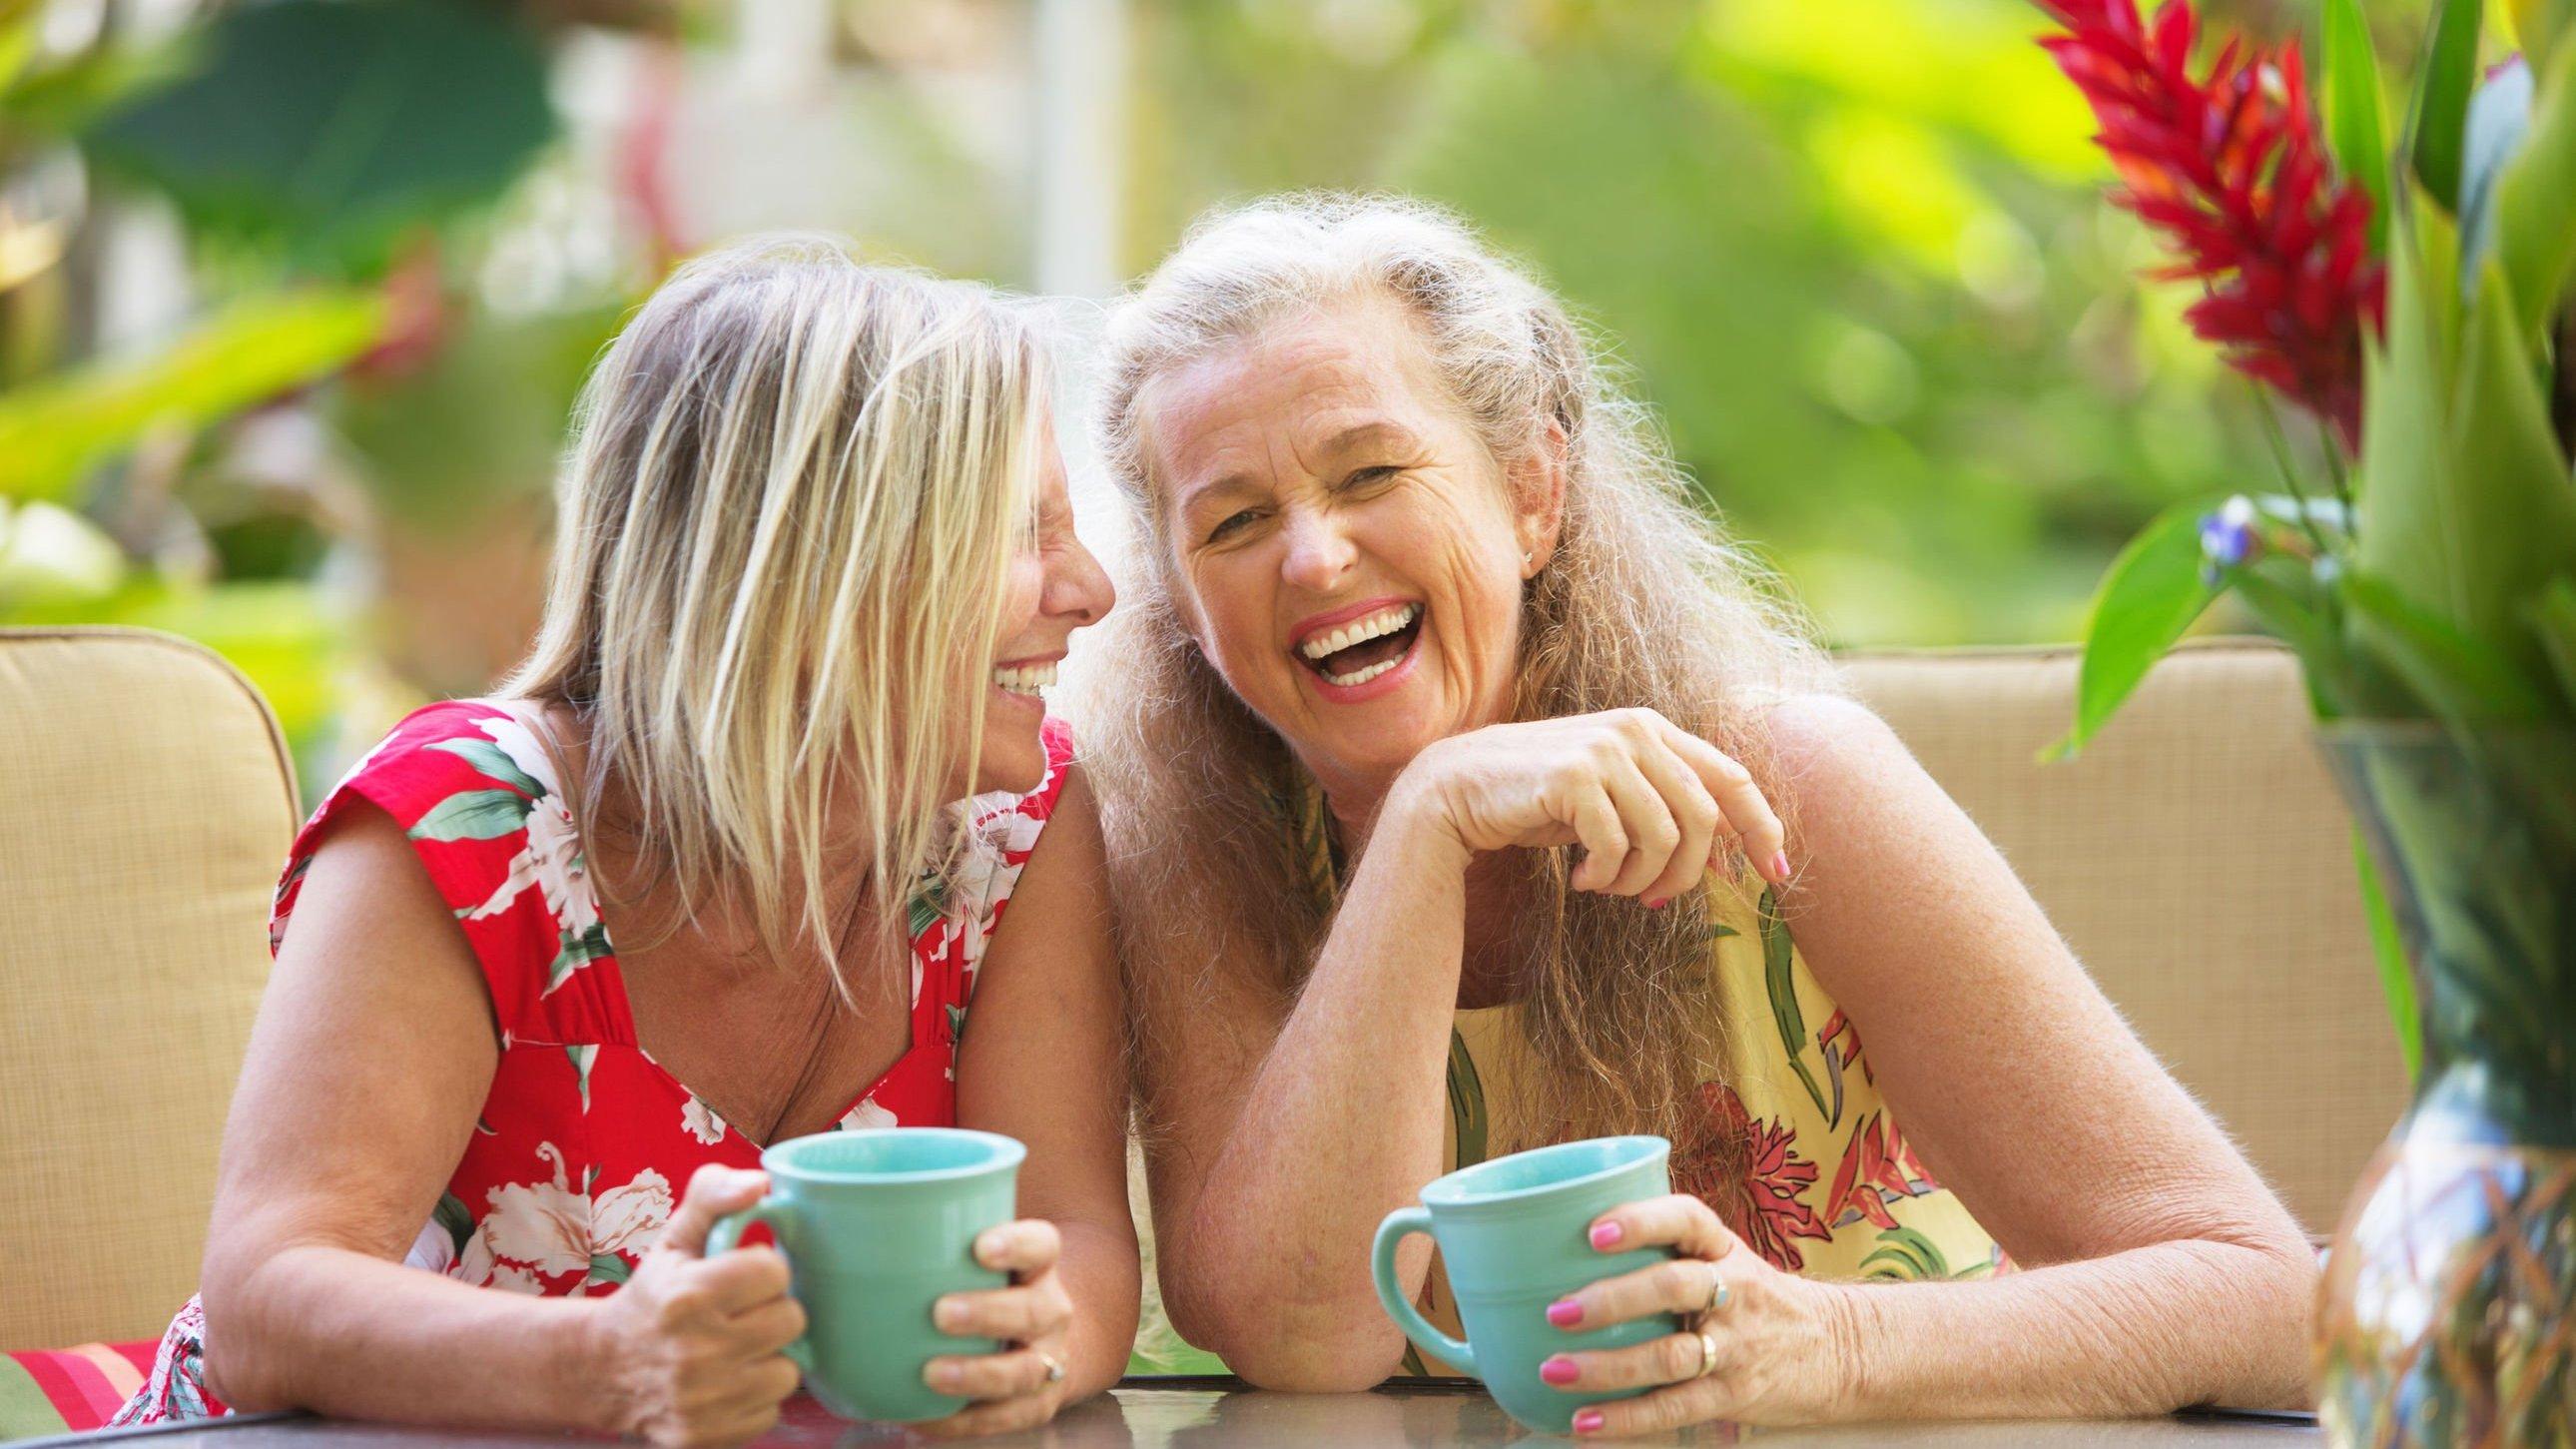 Duas mulheres seguram canecas e dão risadas. Ambas estão sentadas.